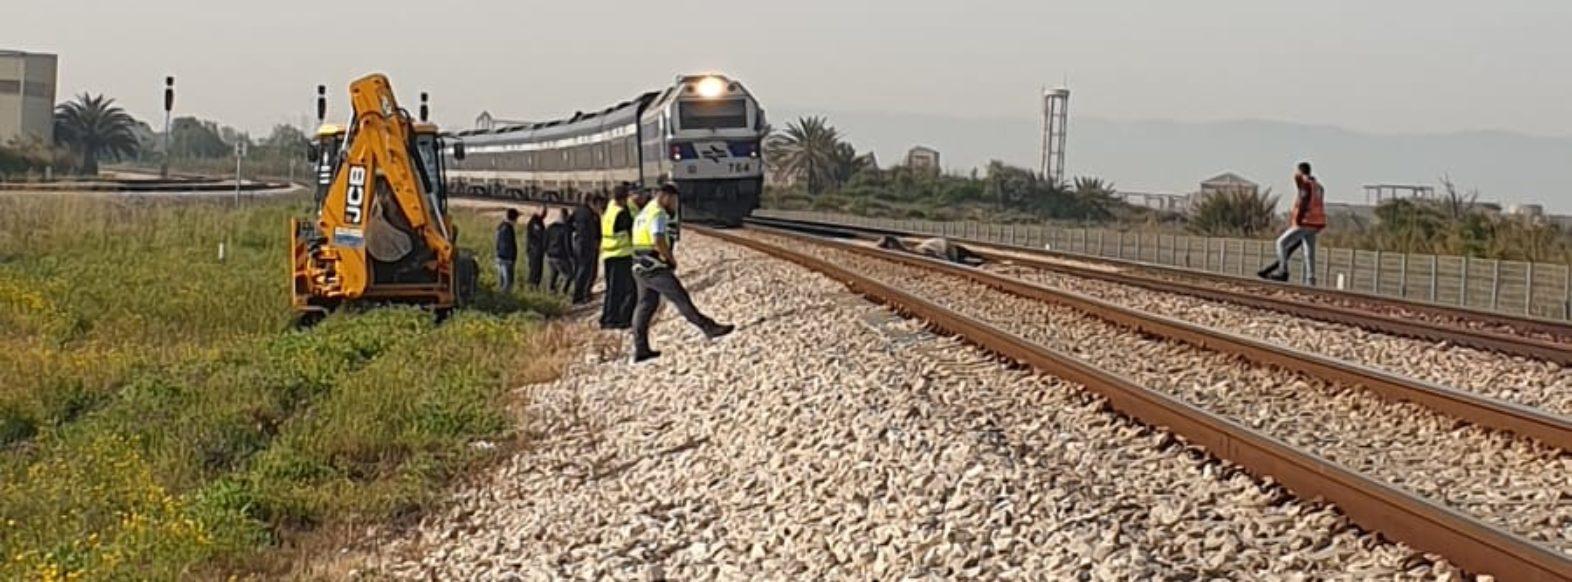 תאונה בין כרבת לסוס הביאה לסגירה של תנועת הרכבות למשך שעה